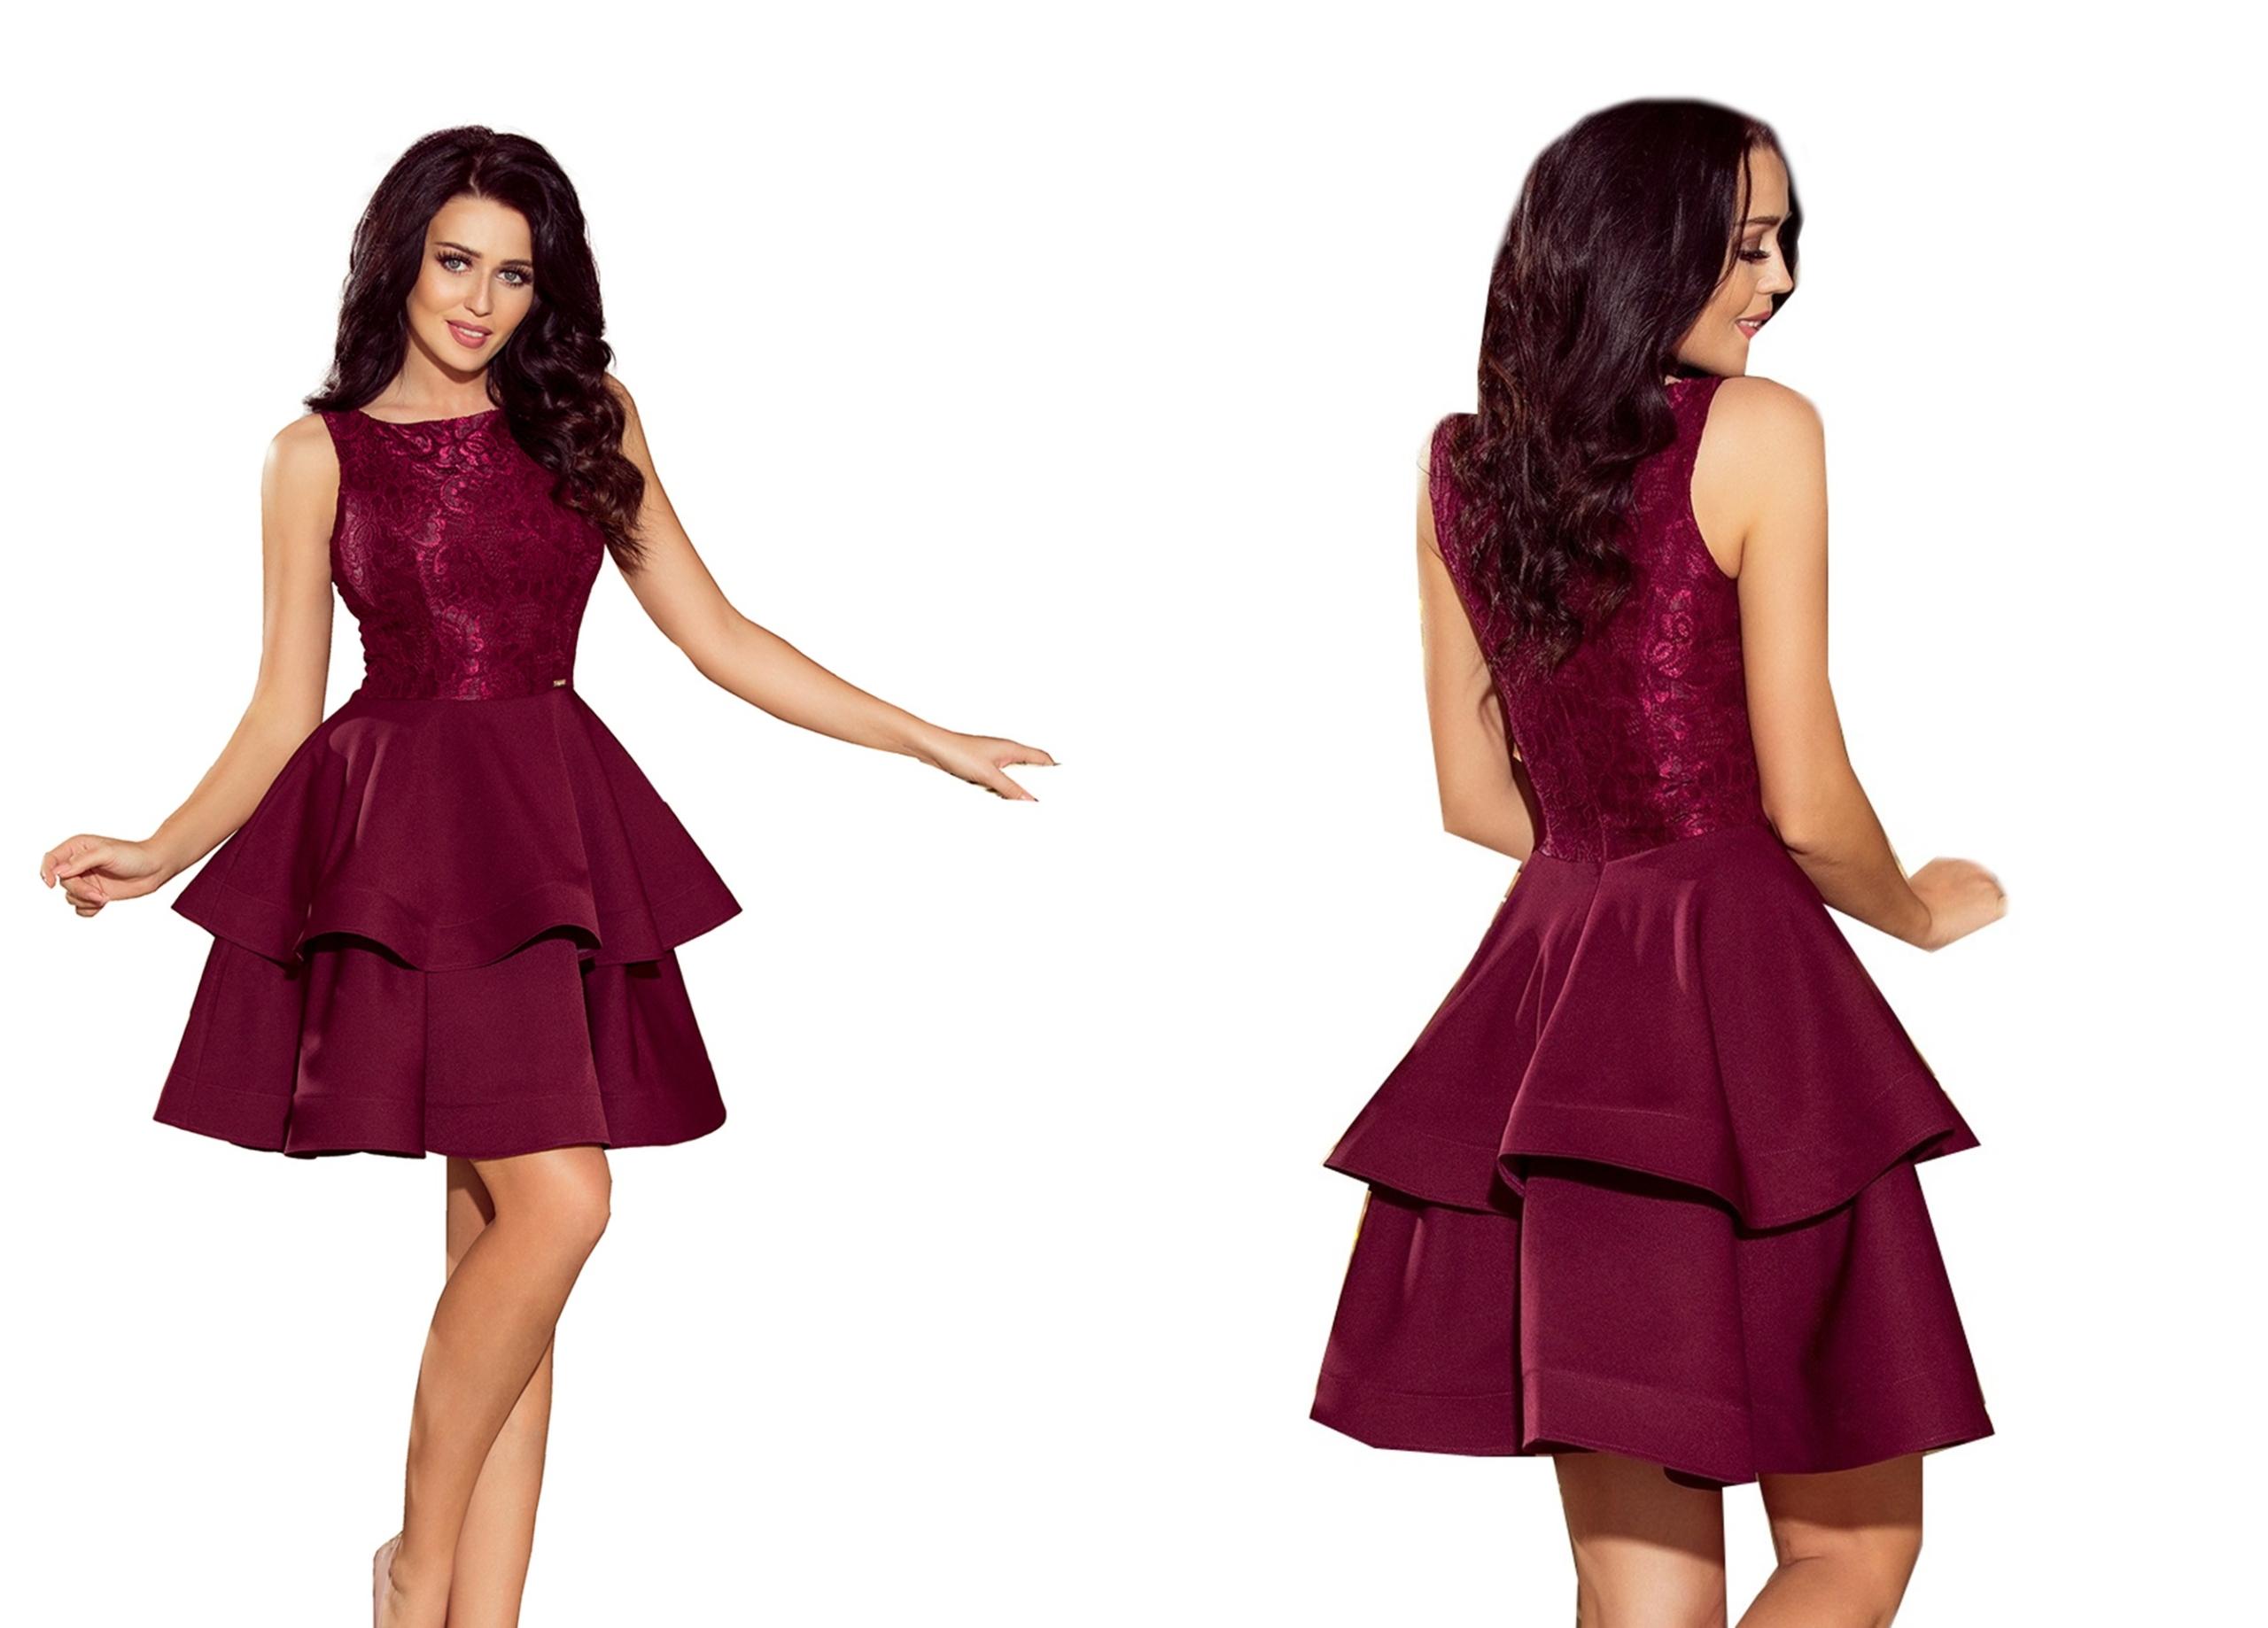 81efcdb790 Krótka MINI Sukienka IMPREZOWA Z KORONKI 205-2 S 7609241457 - Allegro.pl